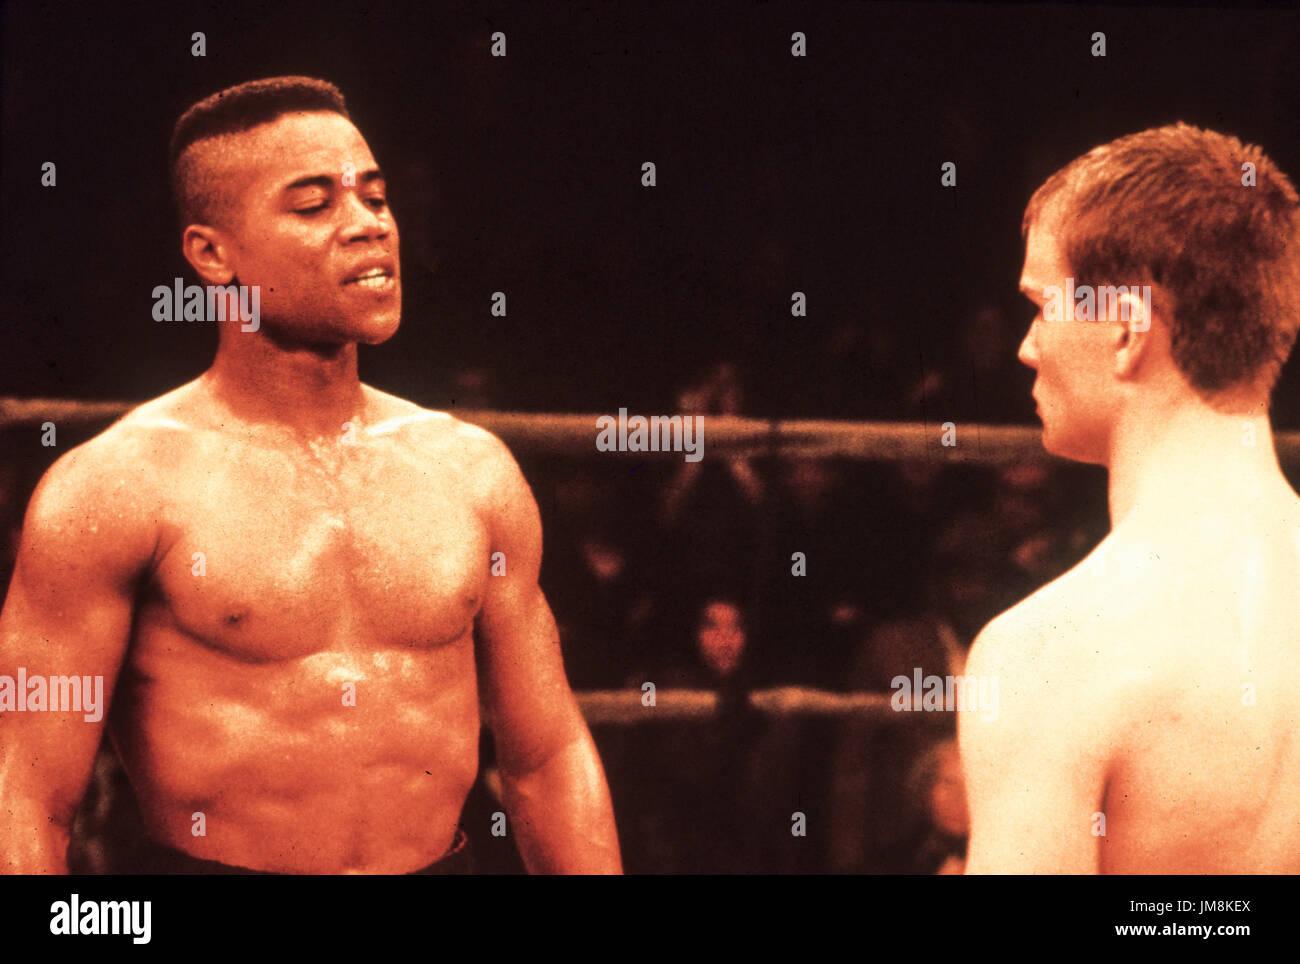 cuba gooding jr, james marshall, gladiator, 1992 - Stock Image